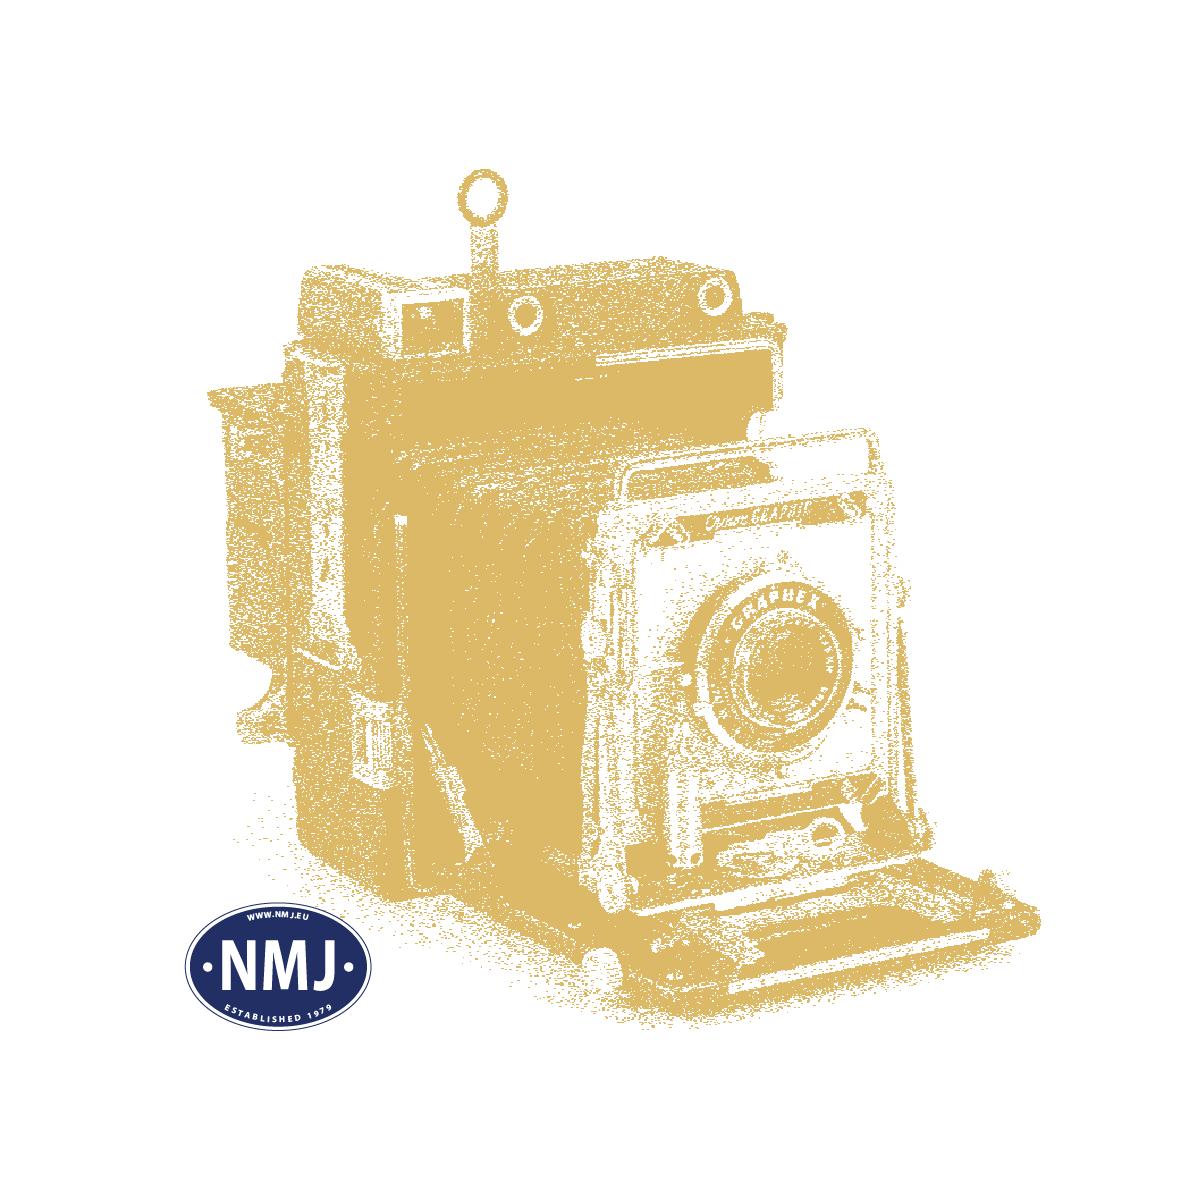 NOC66707 - Mølle med Vannhjul, Laser-cut Byggesett